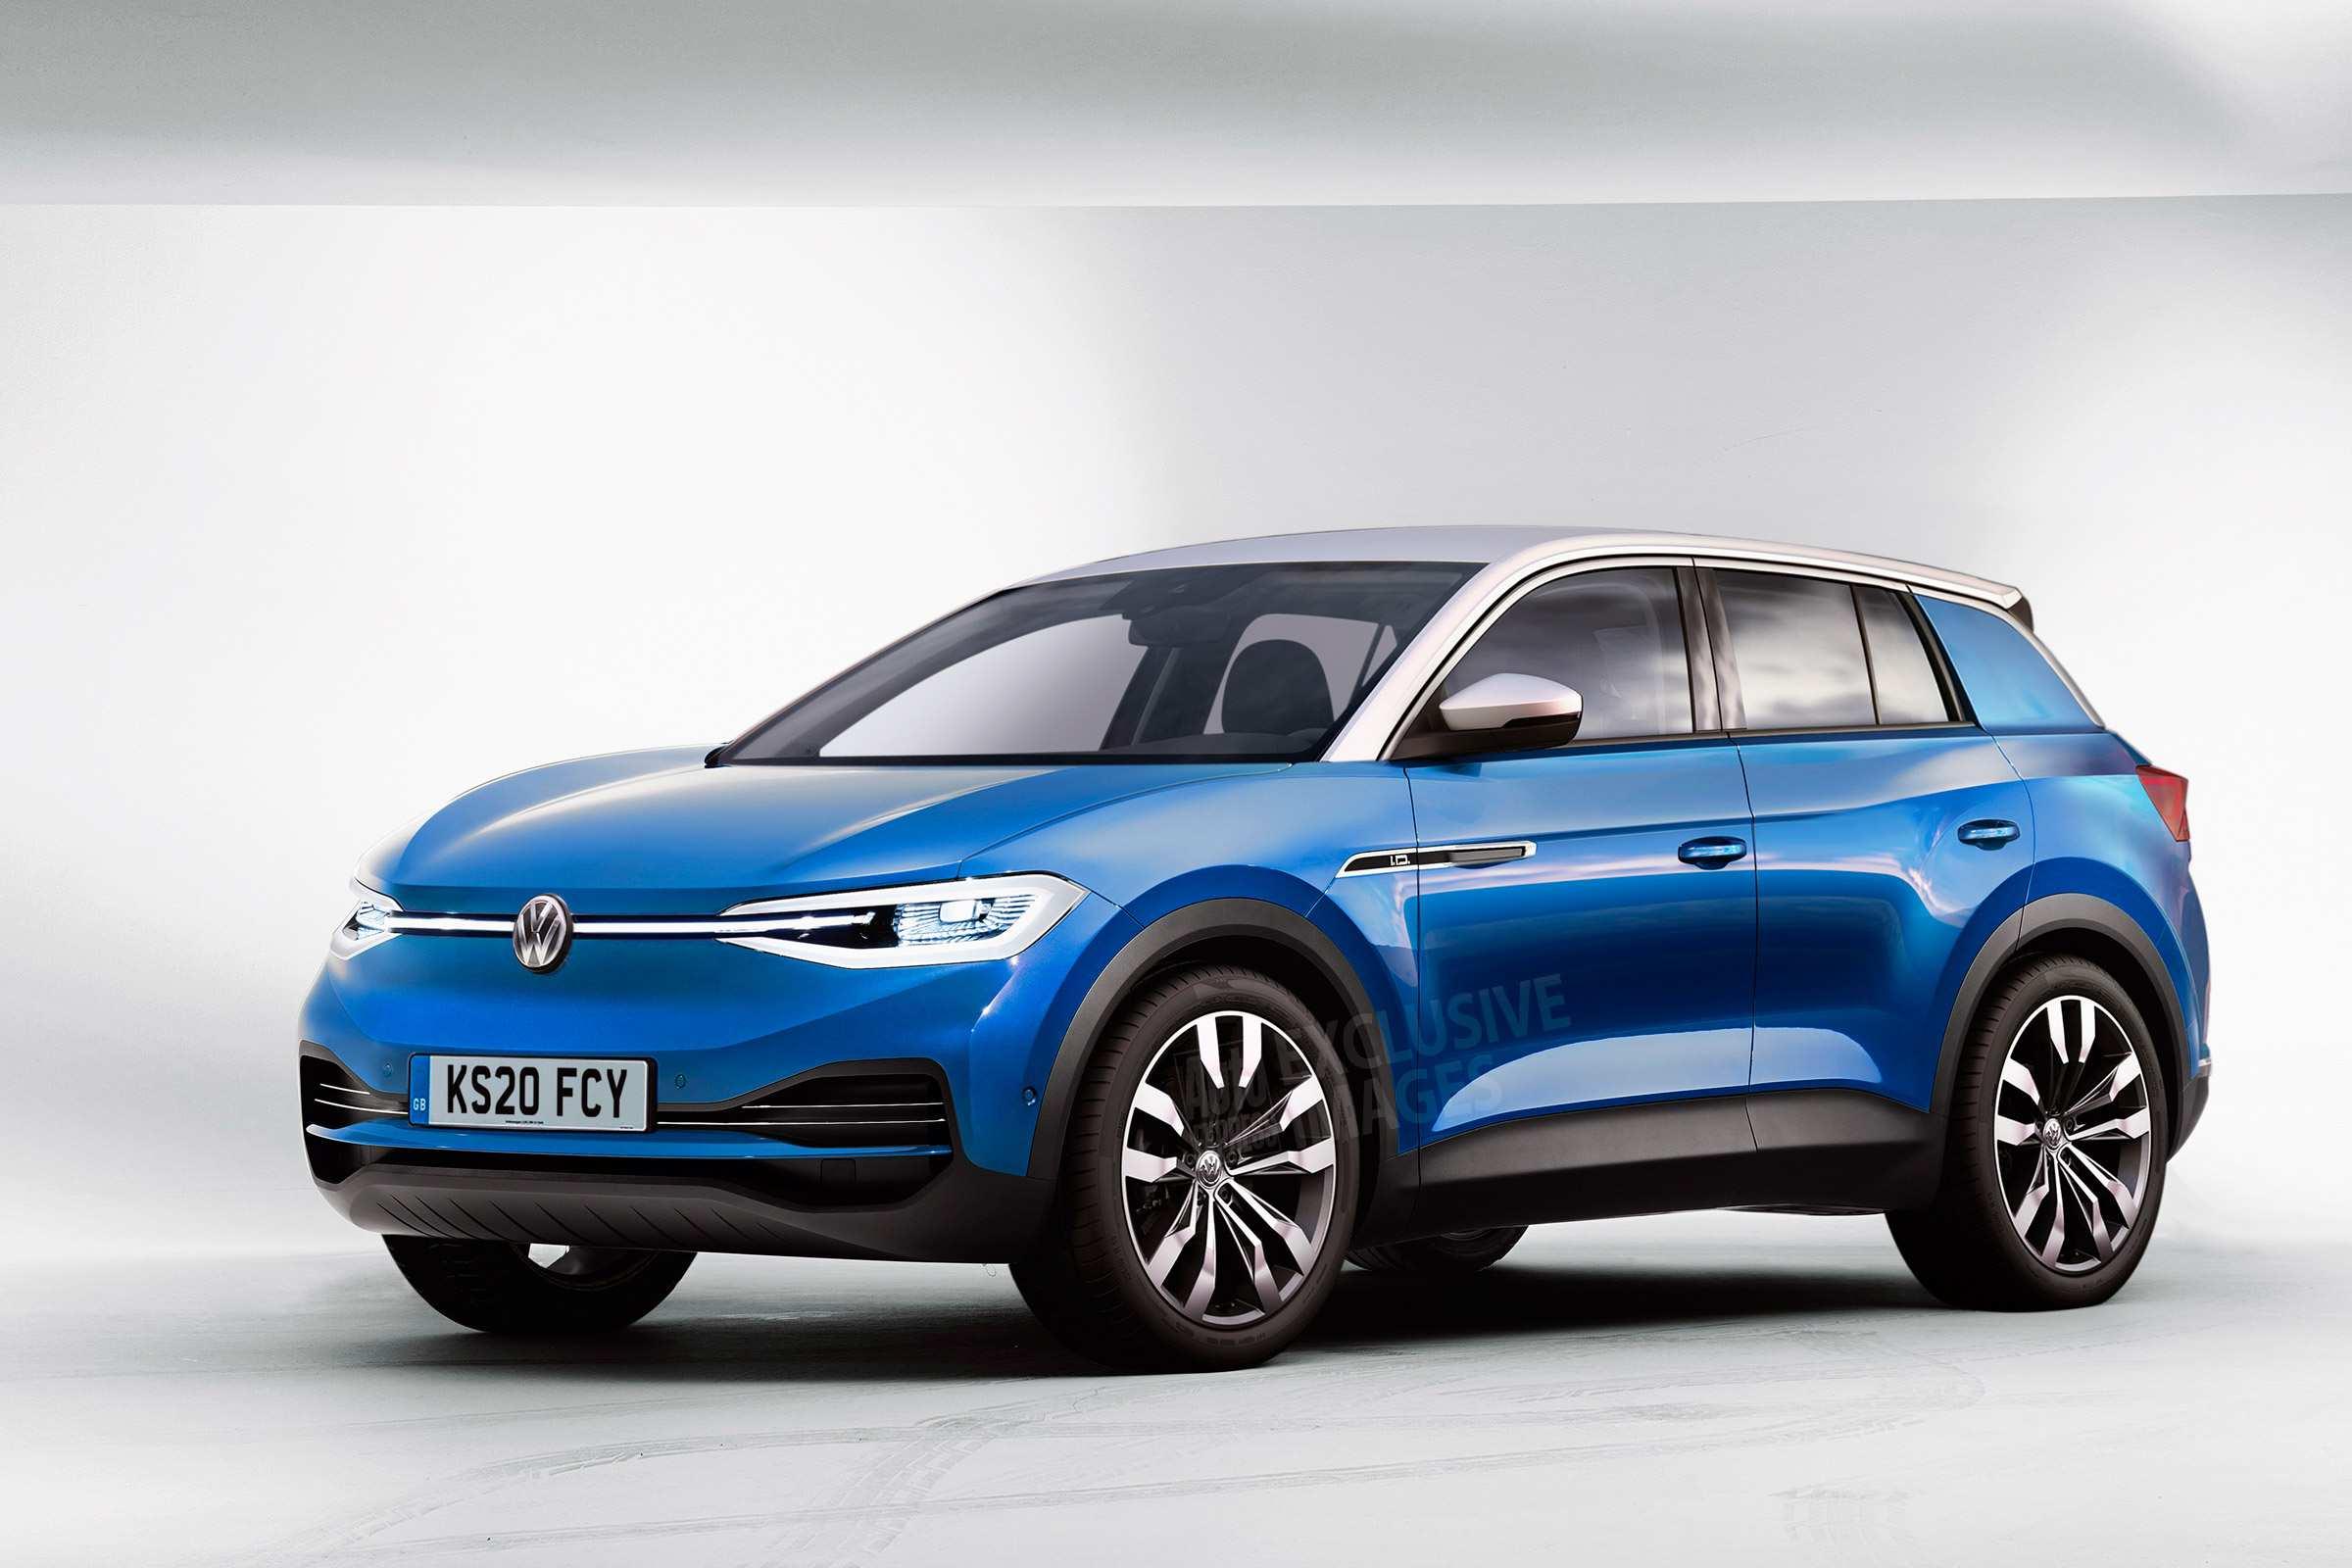 88 Concept of Obbligazioni Volkswagen 2020 New Review by Obbligazioni Volkswagen 2020